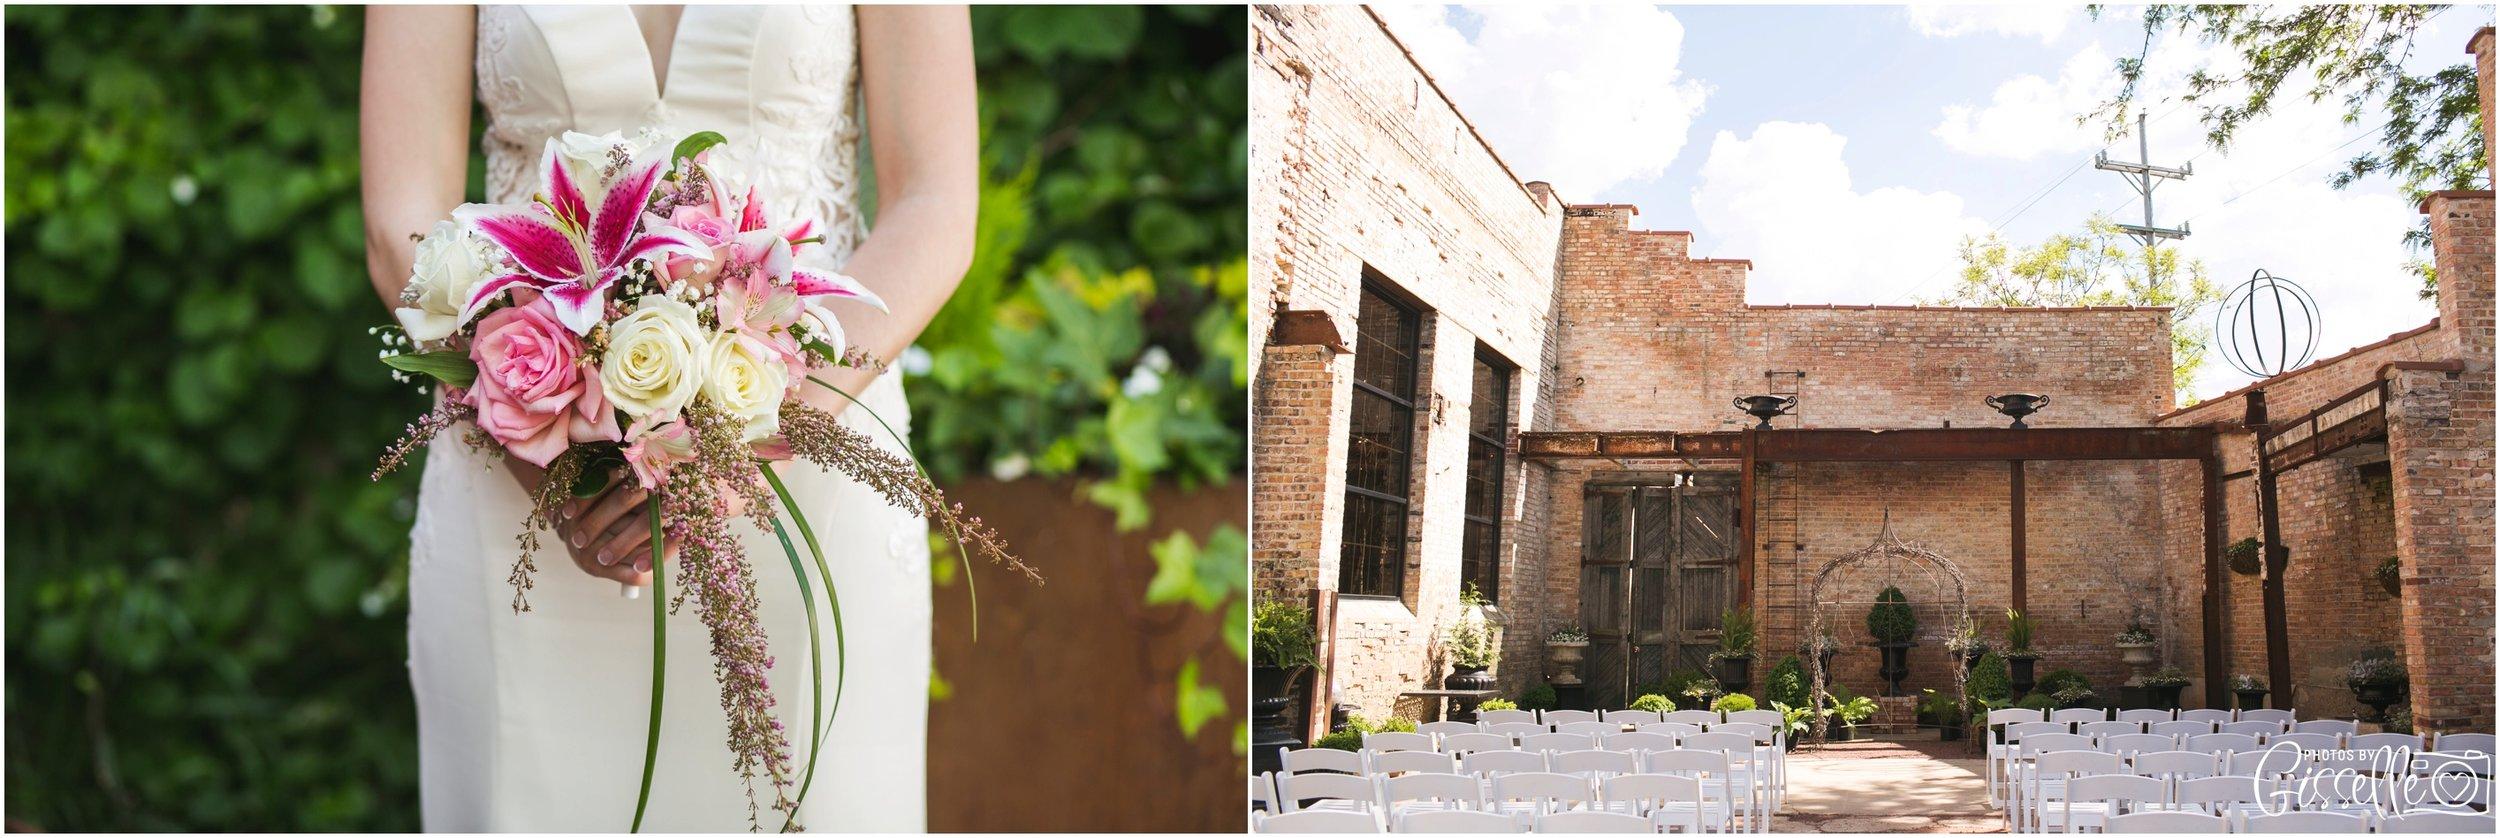 Blumen Gardens Wedding_0088.jpg